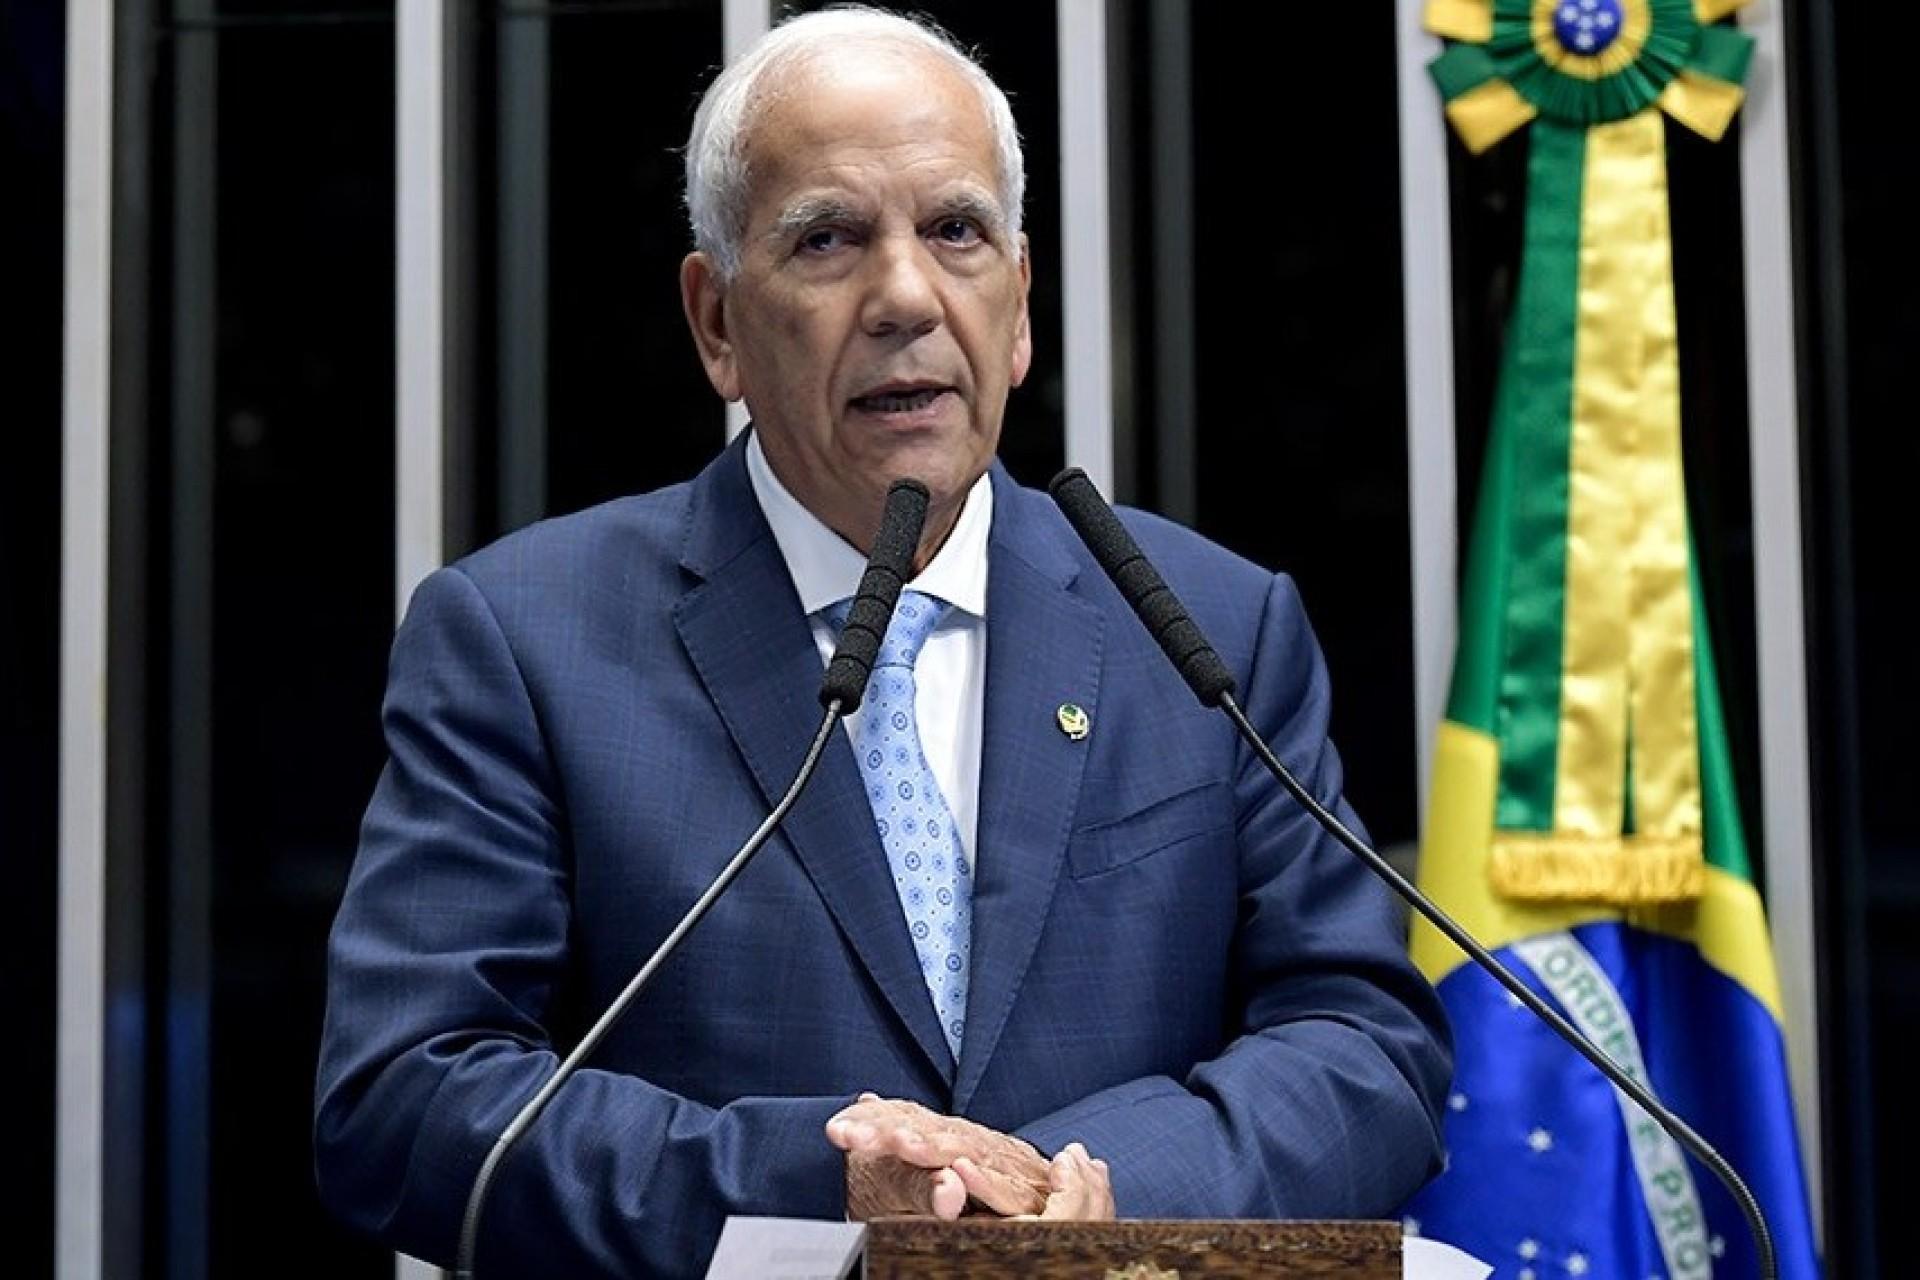 Senador Oriovisto propõe fusão de cidades pequenas com municípios maiores